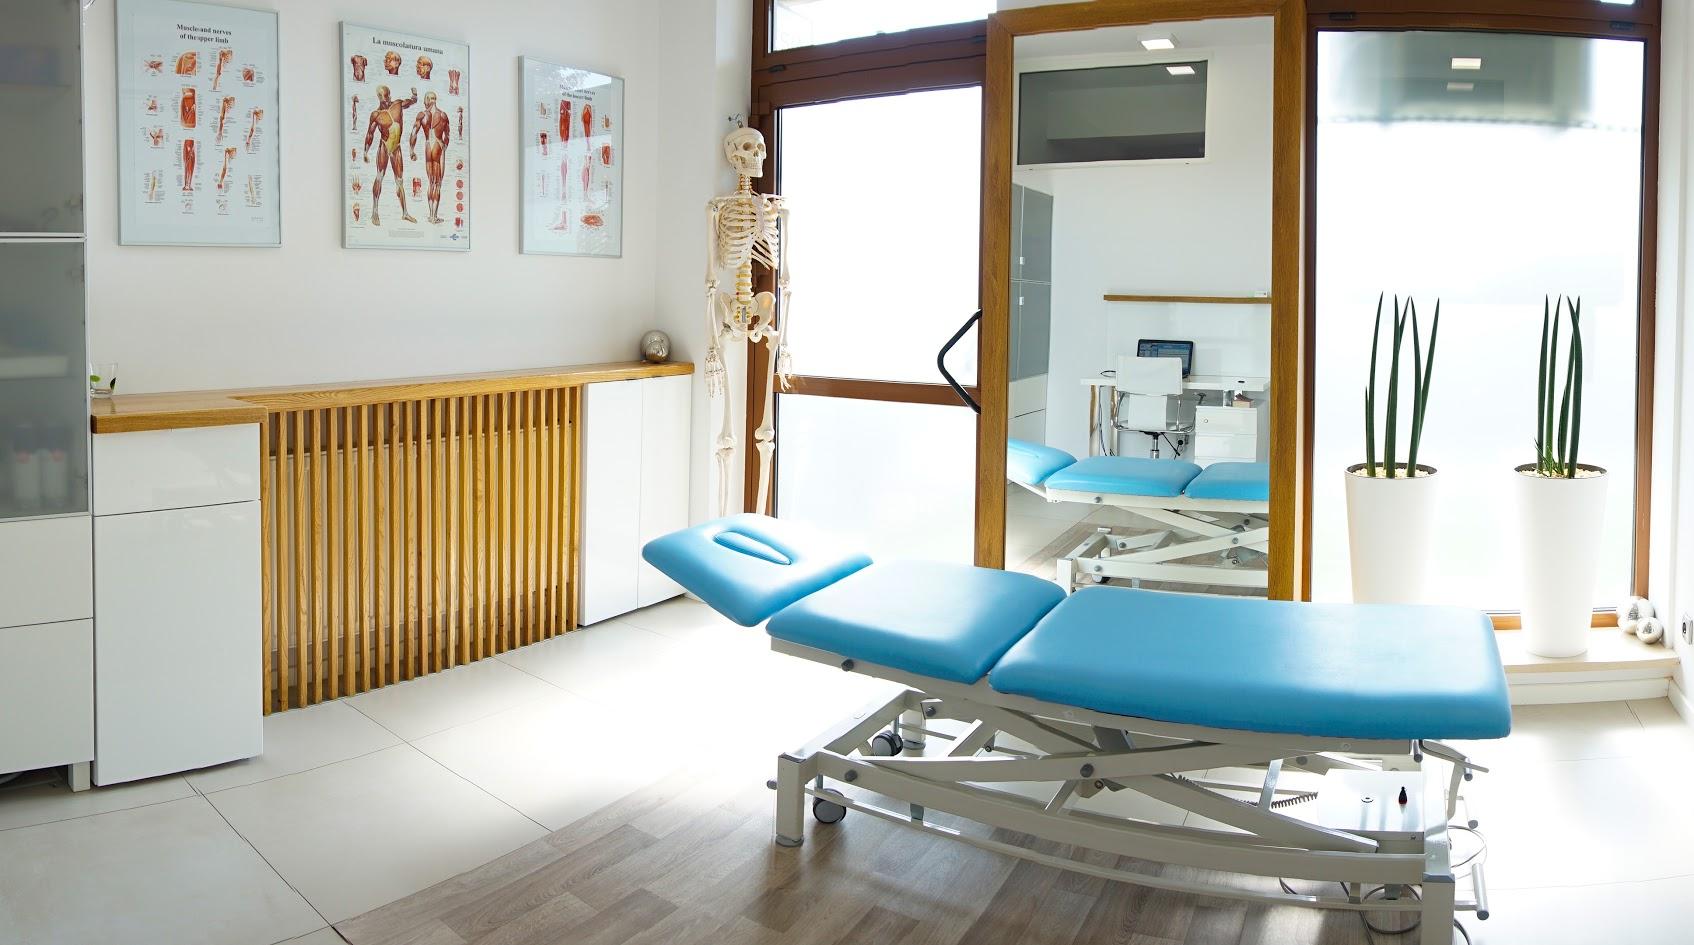 gabinet zabiegowy kinesia fizjoterapia